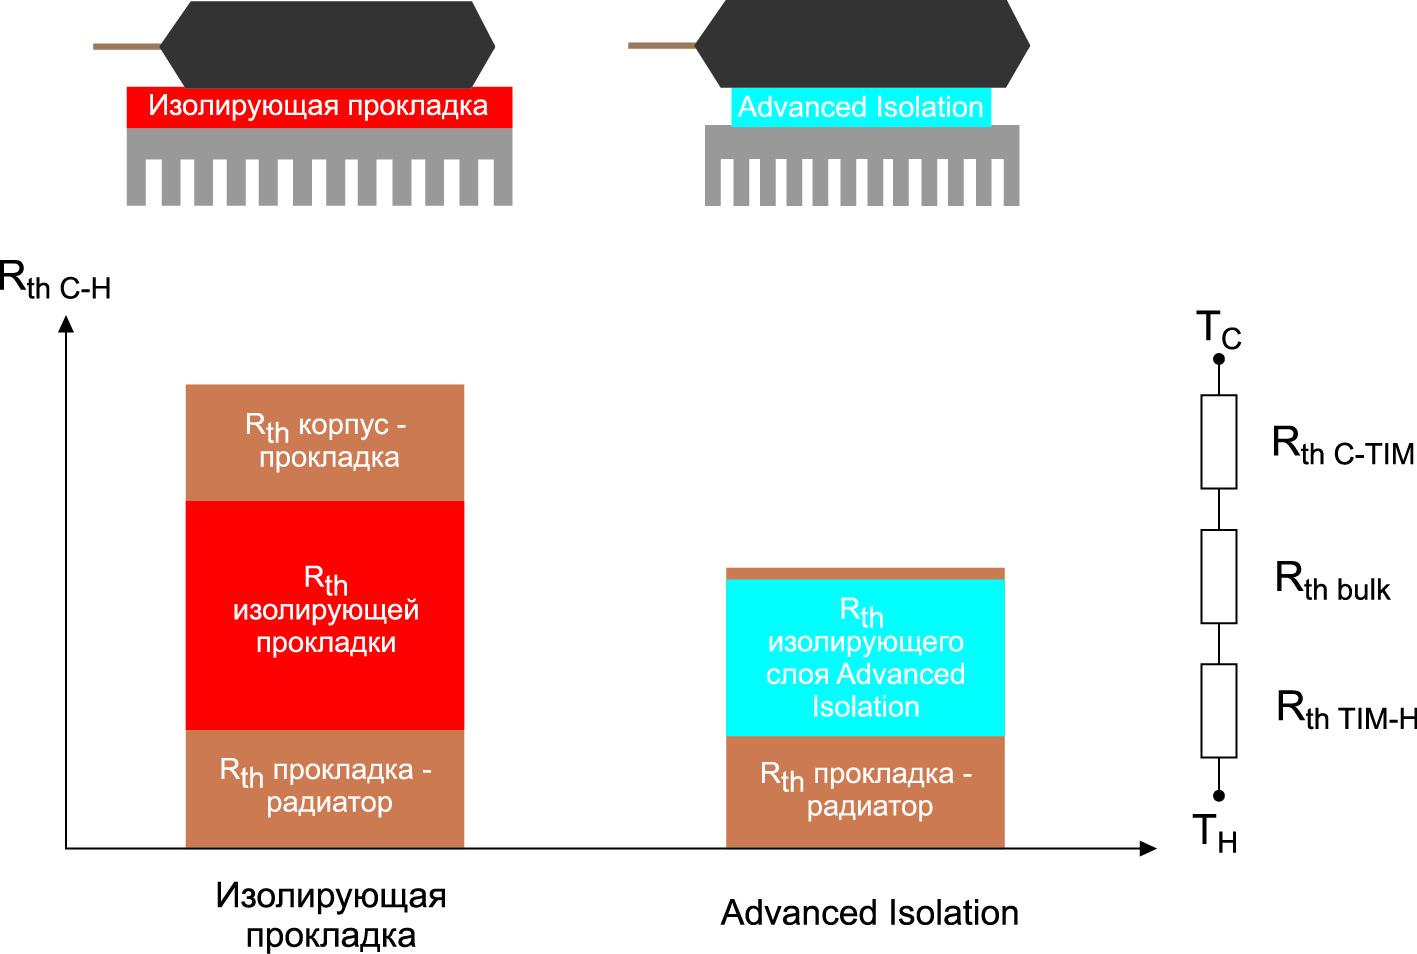 Тепловое сопротивление корпус-радиатор RthCH. Вклад теплопроводящей изолирующей прокладки в сравнении с концепцией Advanced Isolation